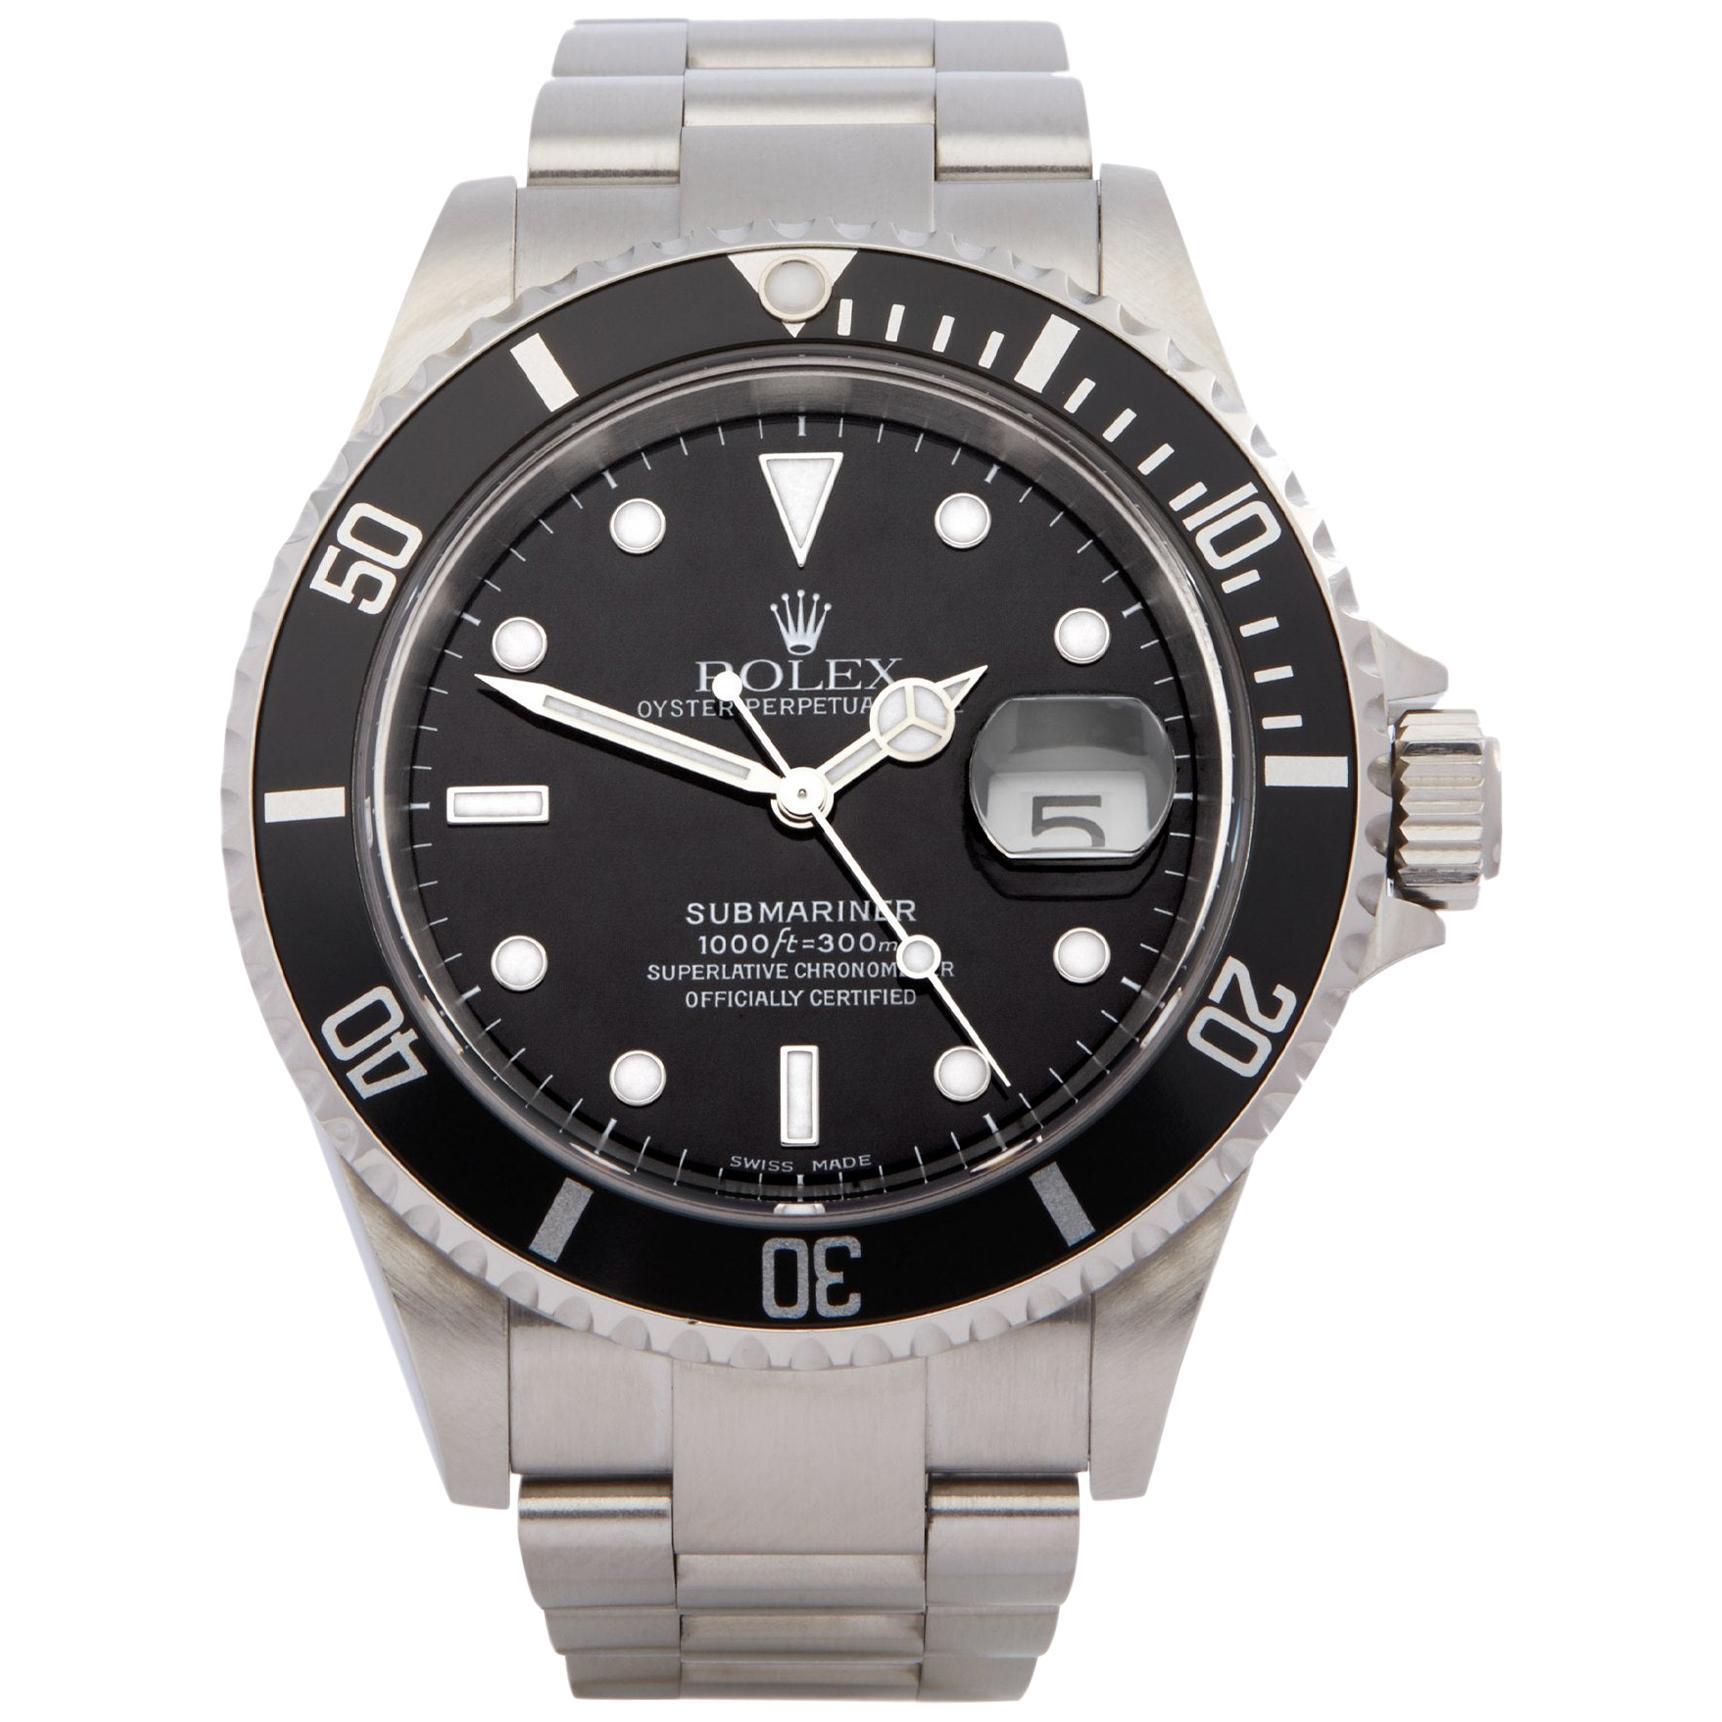 Rolex Submariner Date 16610 Men's Stainless Steel Watch